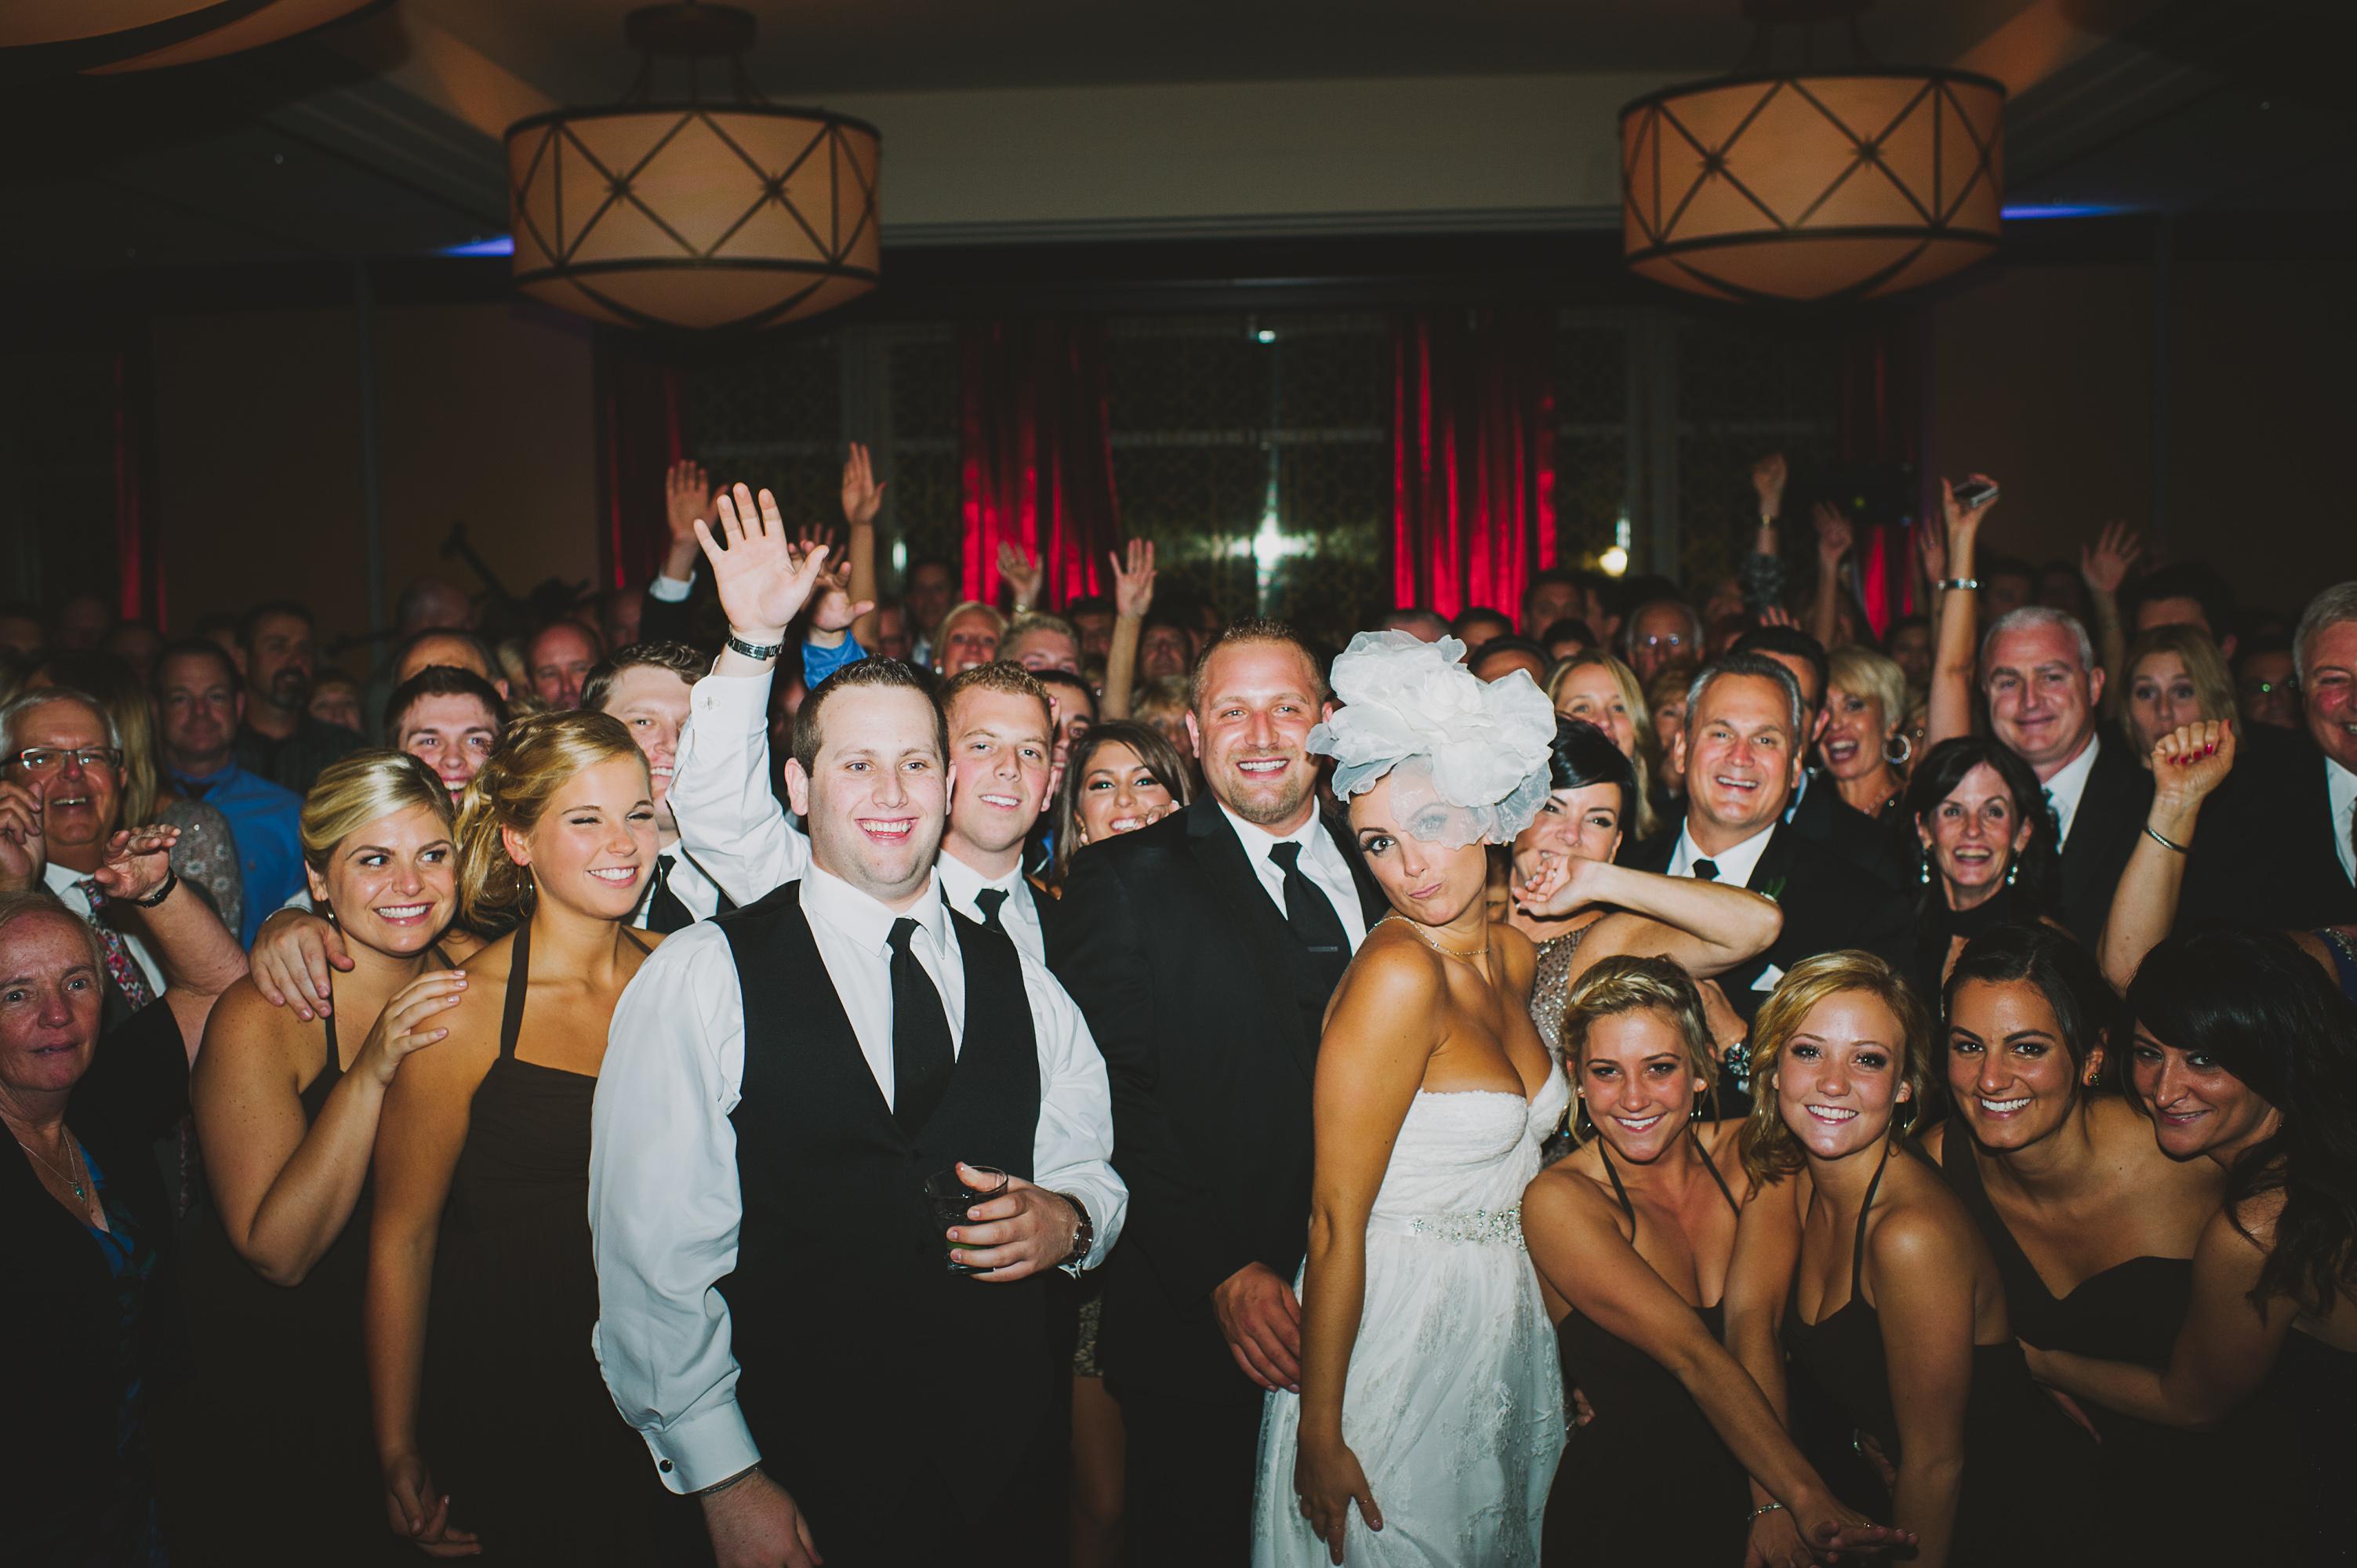 Edward Wedding at Hotel Marlow